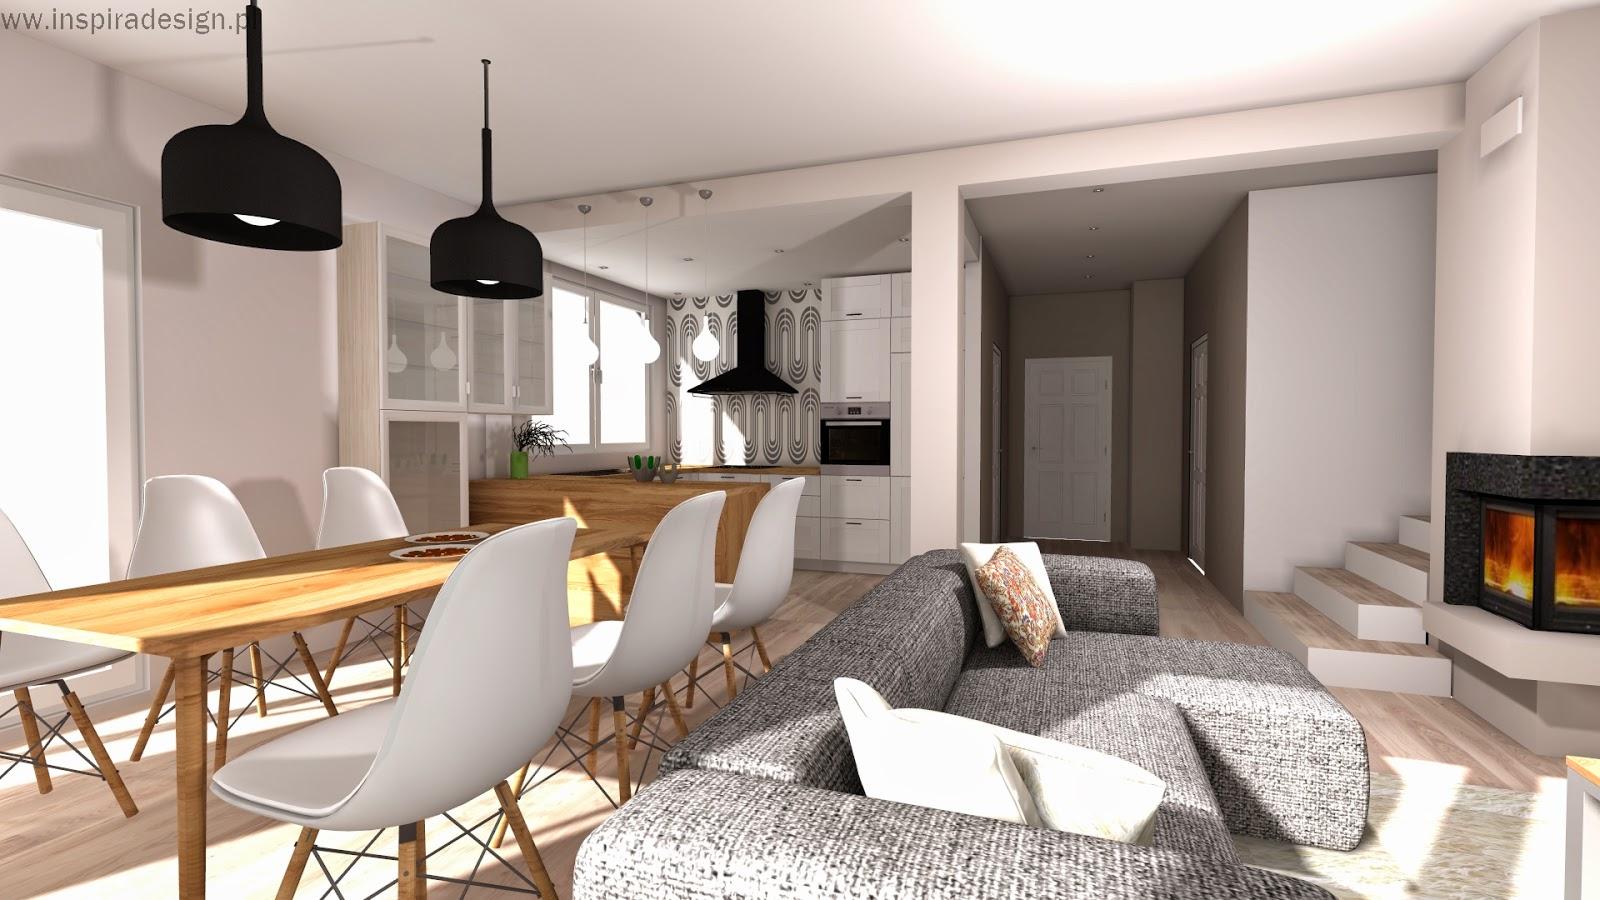 Salon z kuchnią w Będzinie  INSPIRA DESIGN projekty   -> Kuchnia Jadalnia Salon Razem